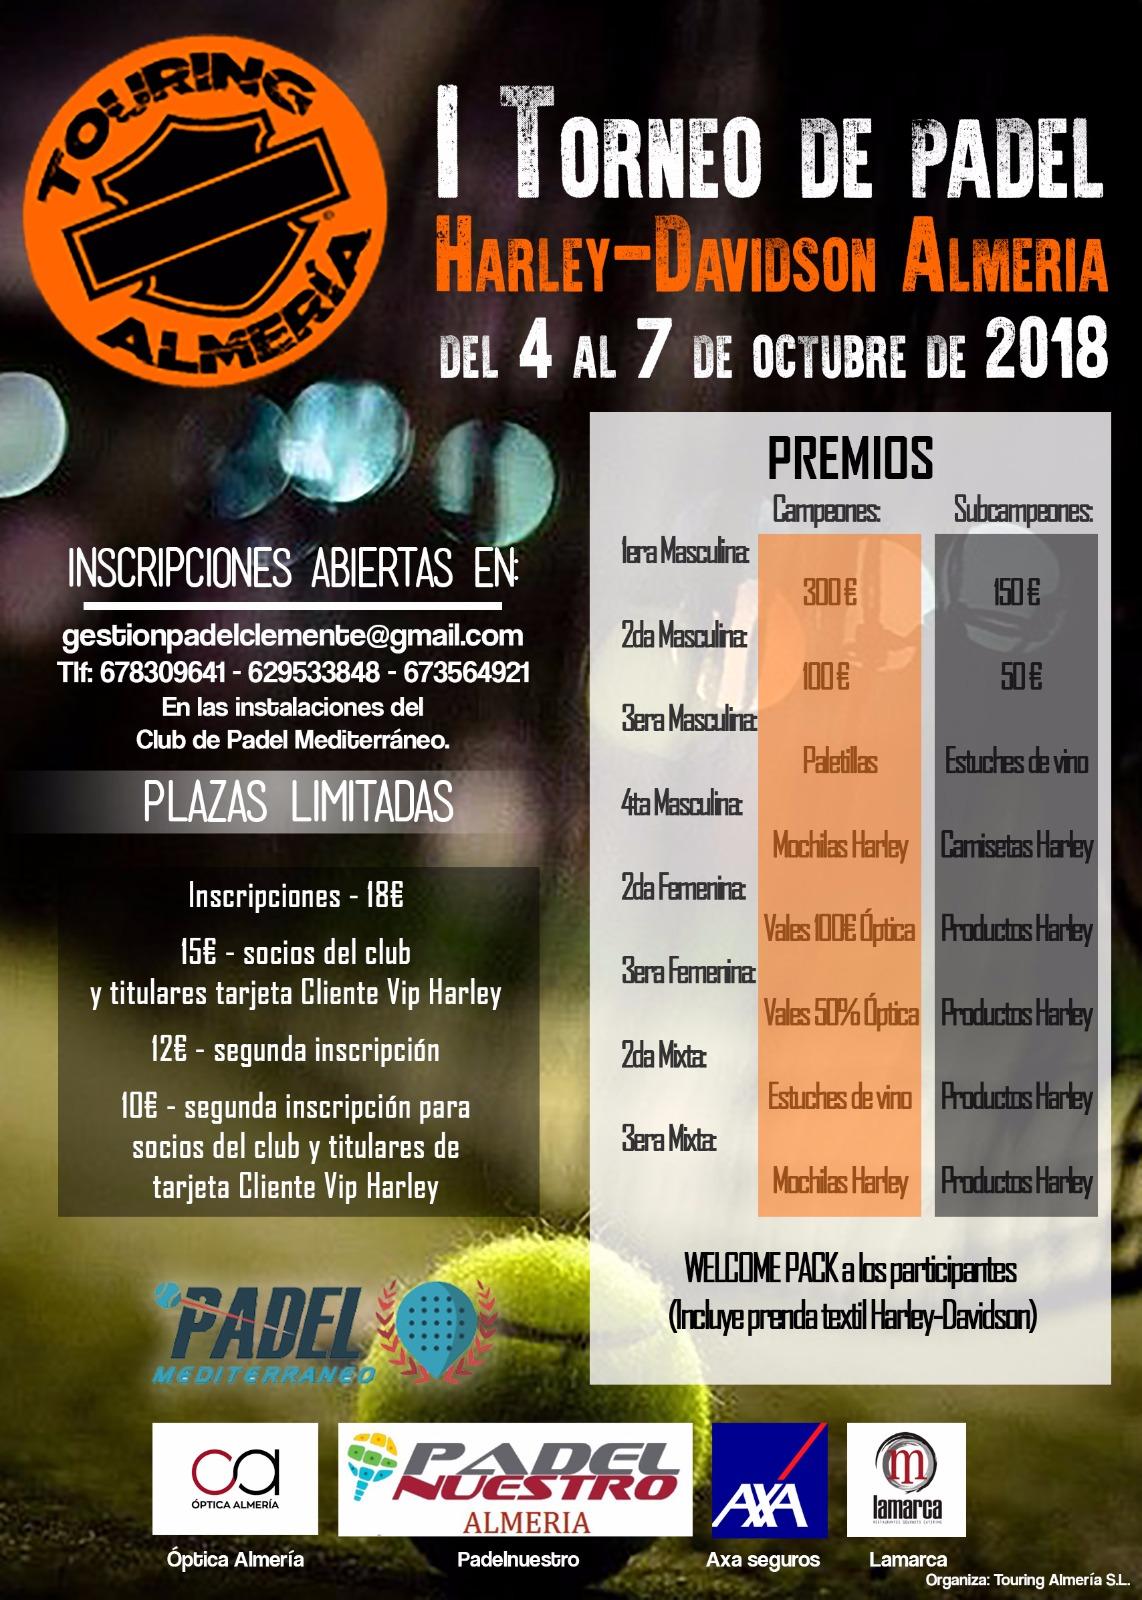 Torneo Harley-Davidson Almería del 4 al 7 de Octubre del 2018